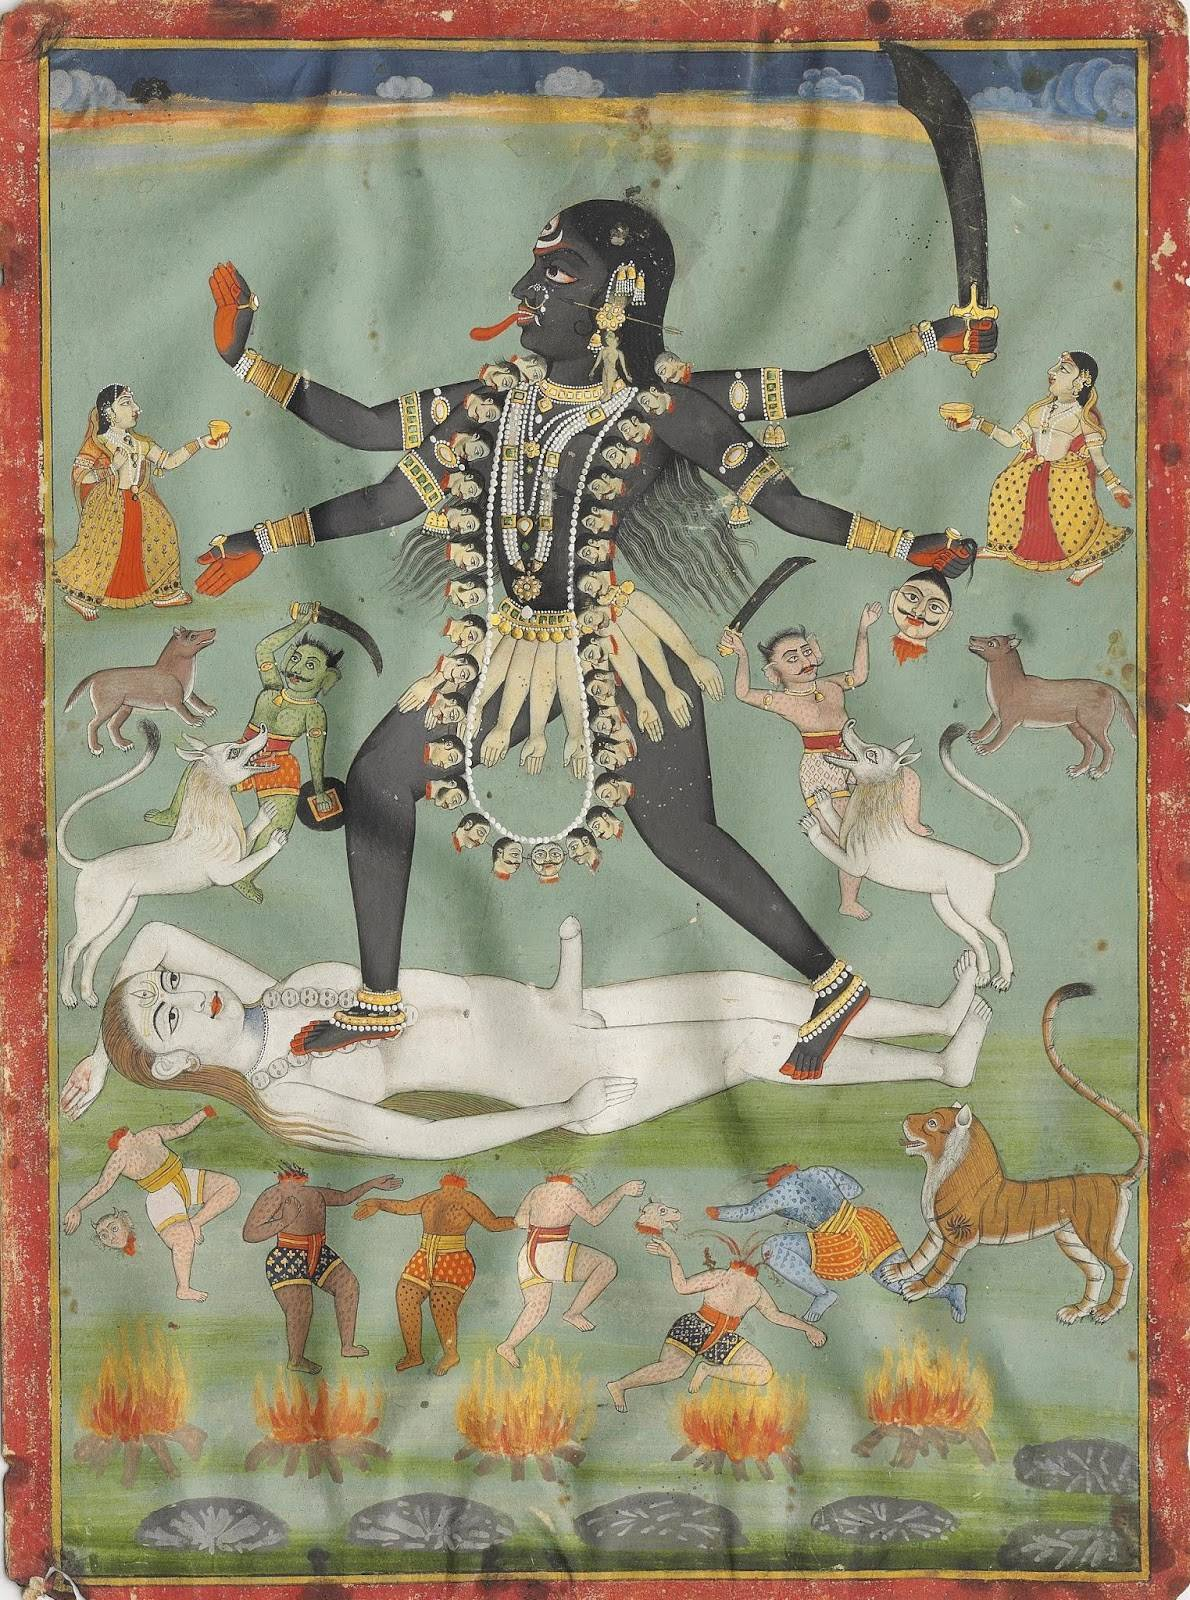 Богиня кали - освобождение от страха смерти, кармы, чистое знание, равновесие